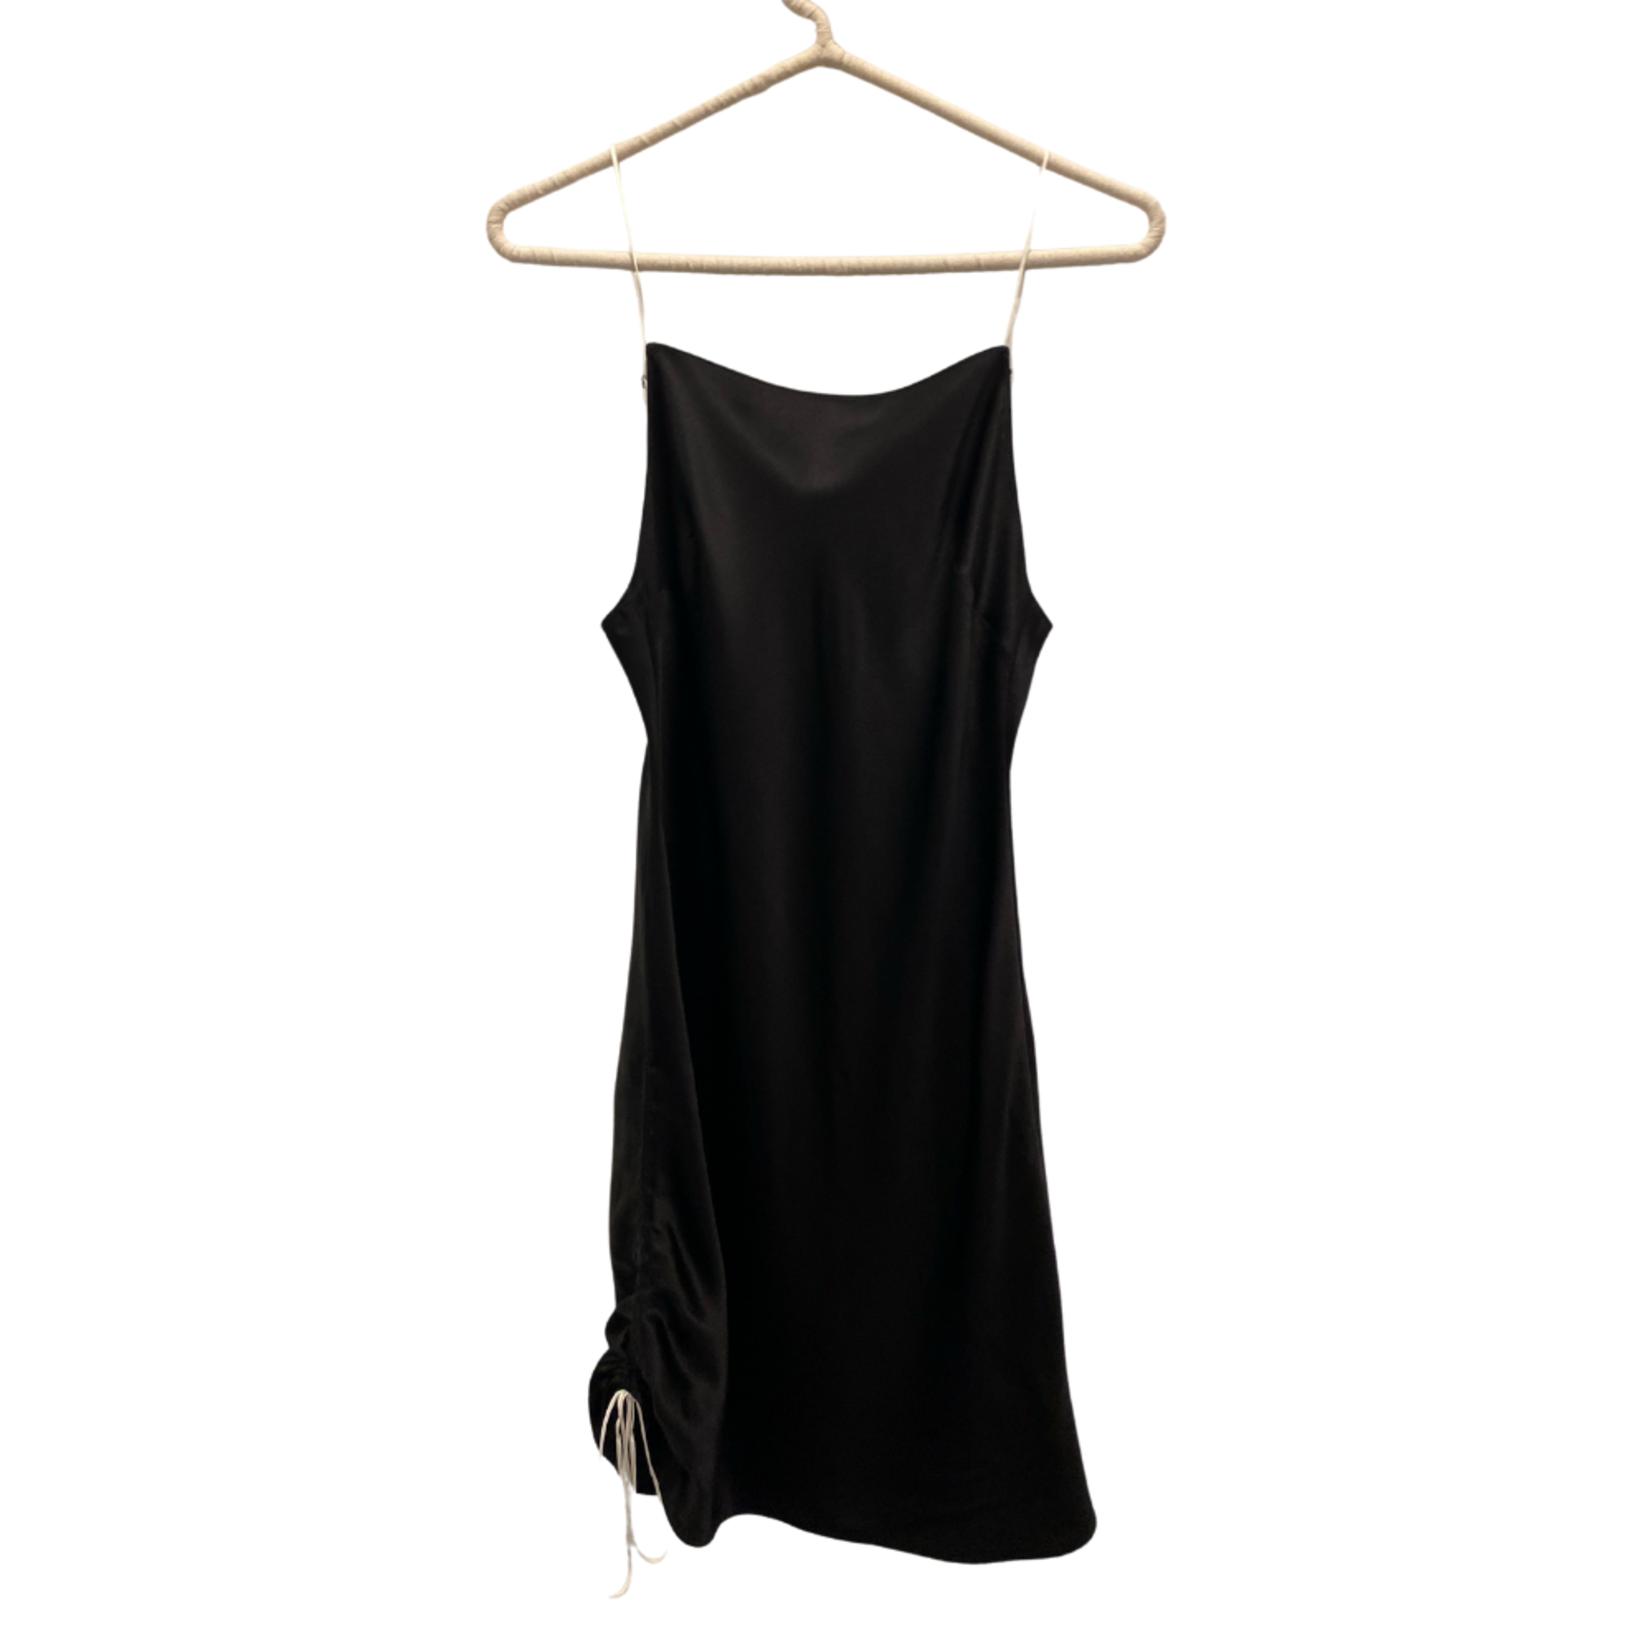 Dannijo Mini Side Ruched Dress Noir